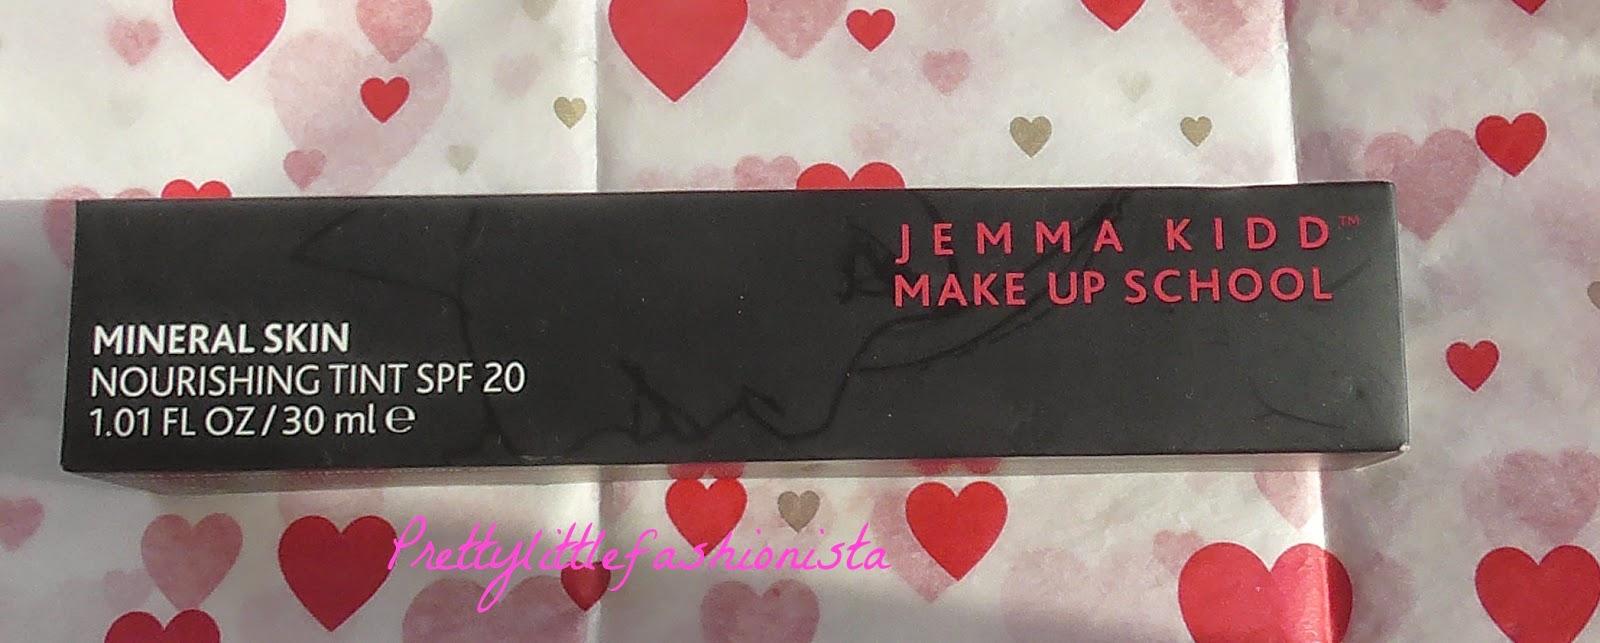 Jemma Kidd Mineral Skin Nourishing Tint